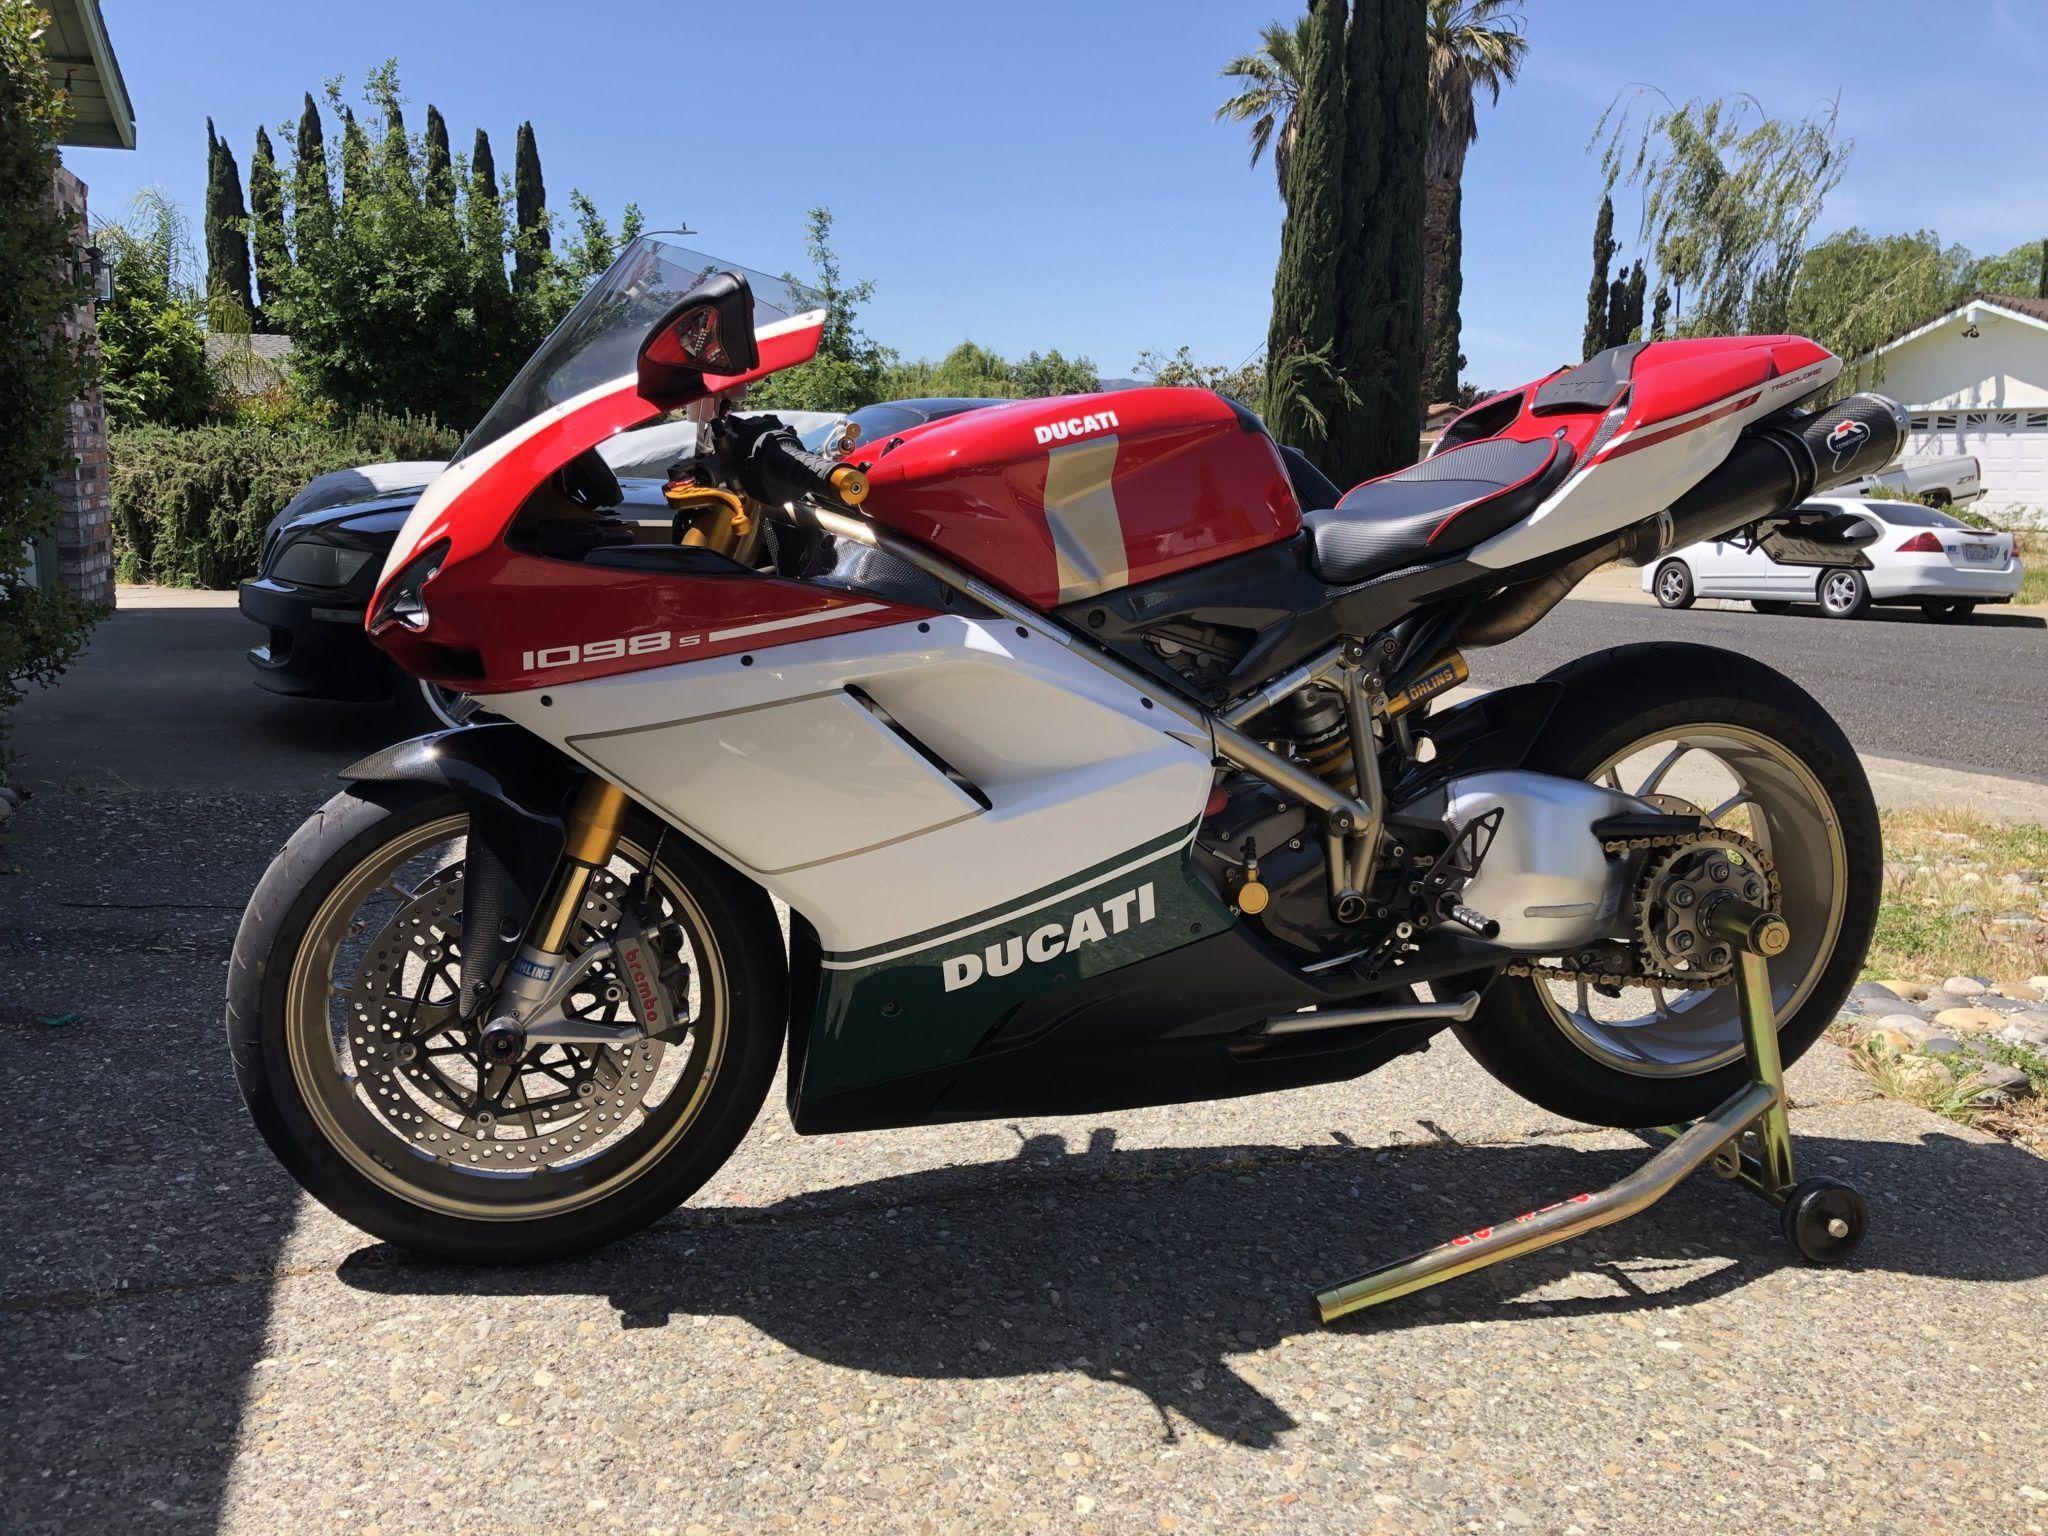 2007 Ducati 1098S Tricolore (Chassis: ZDM1XBEW97B004303)